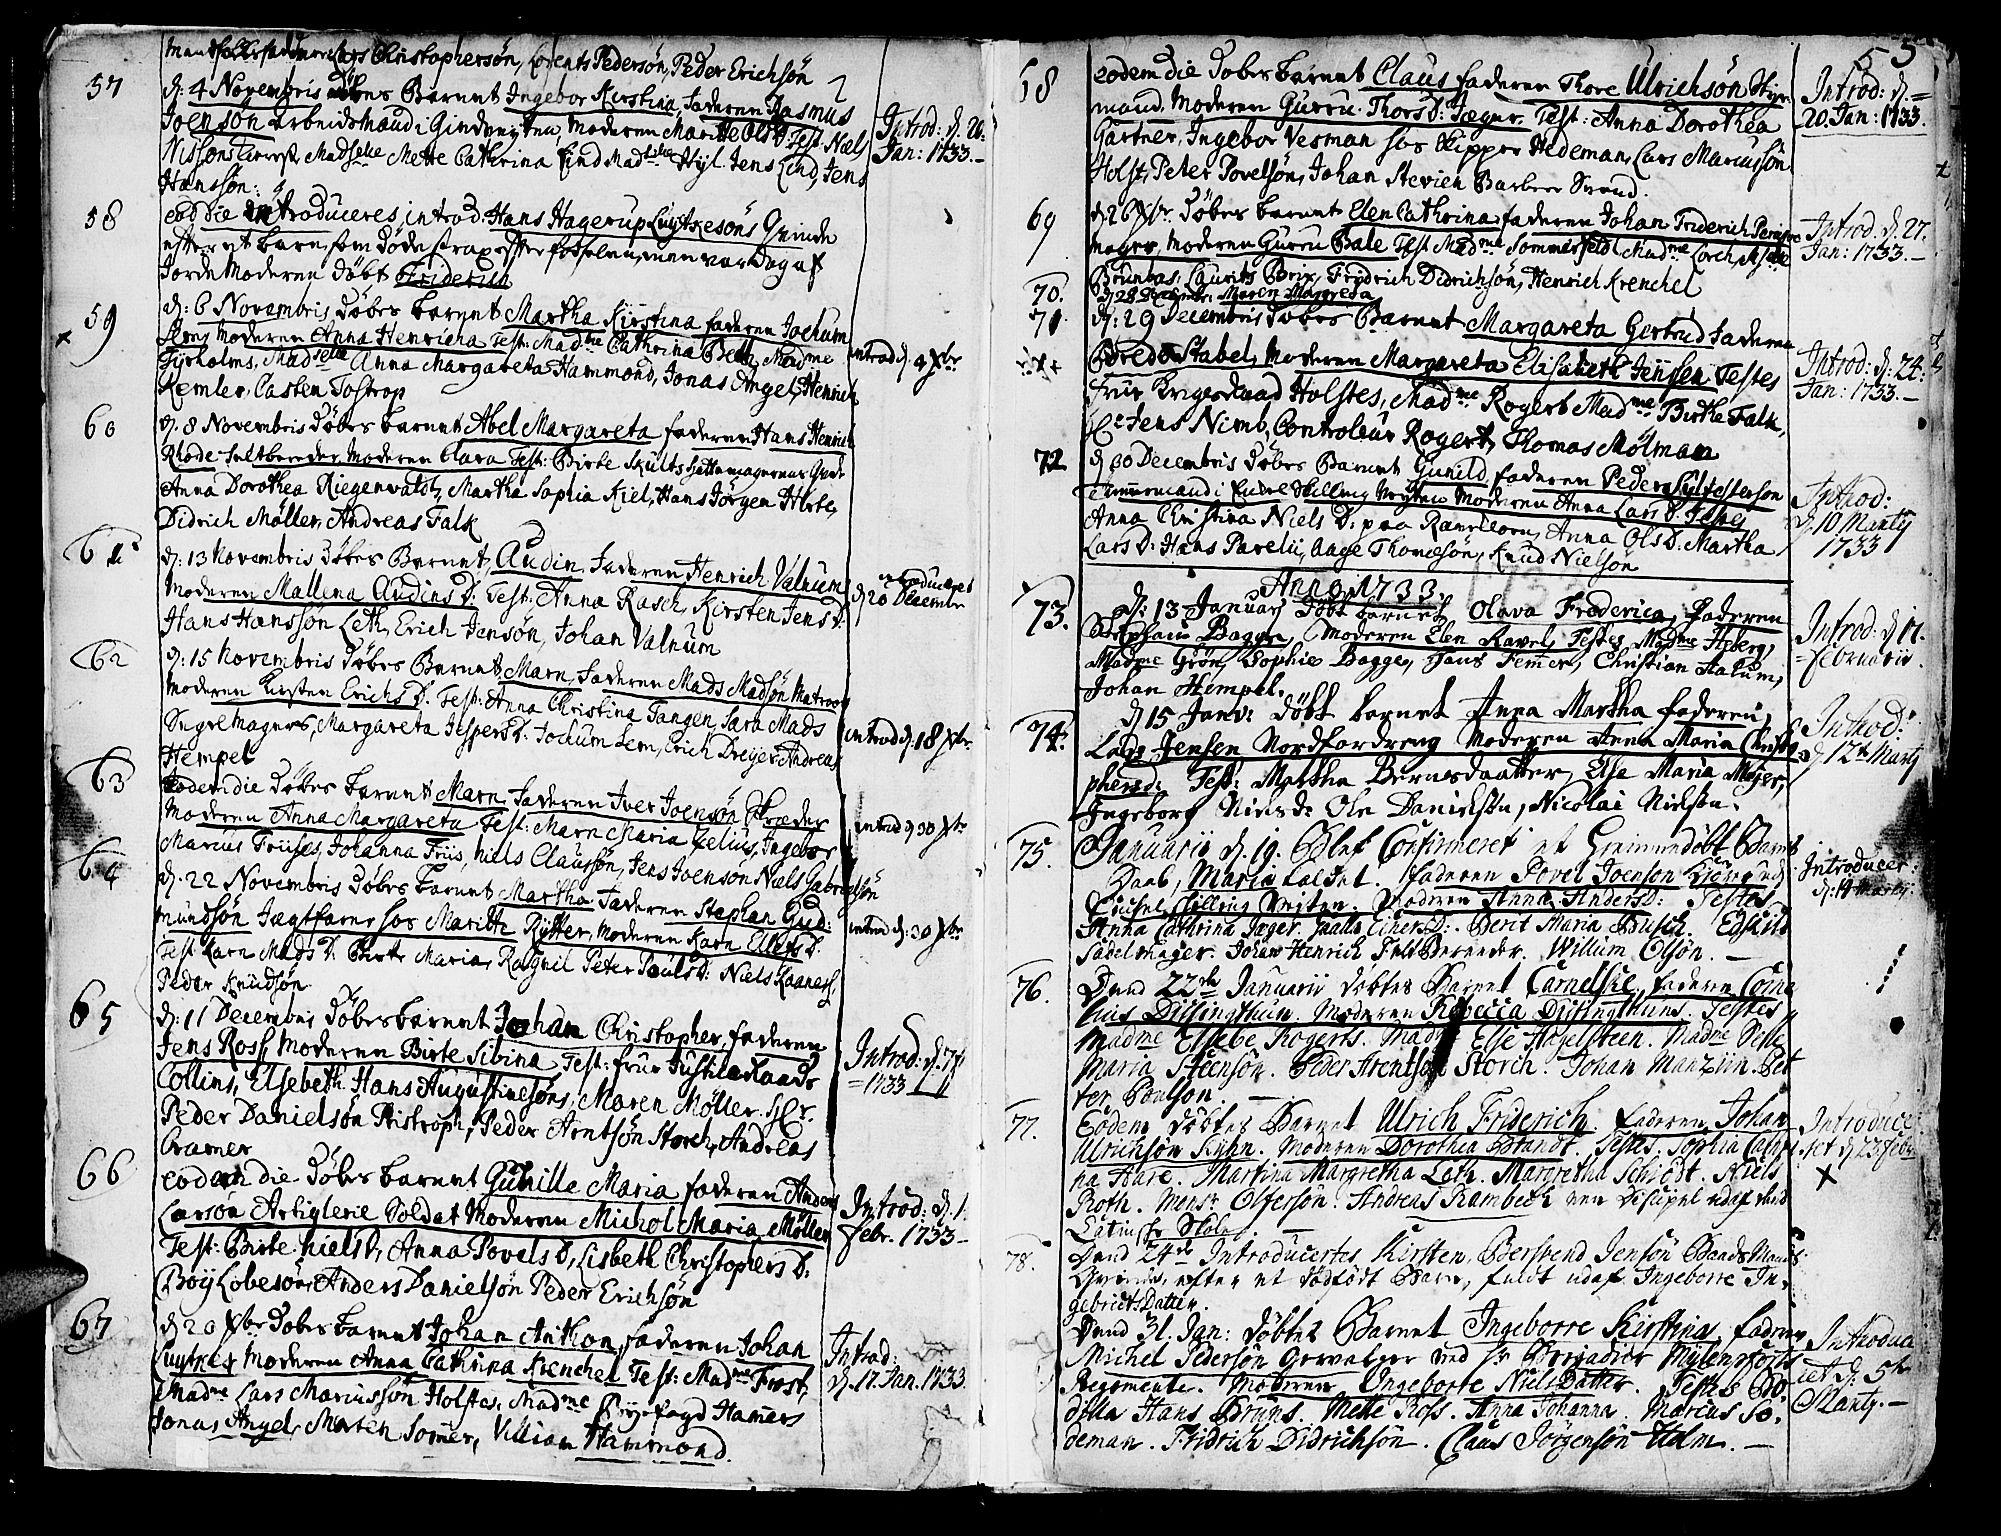 SAT, Ministerialprotokoller, klokkerbøker og fødselsregistre - Sør-Trøndelag, 602/L0103: Ministerialbok nr. 602A01, 1732-1774, s. 5